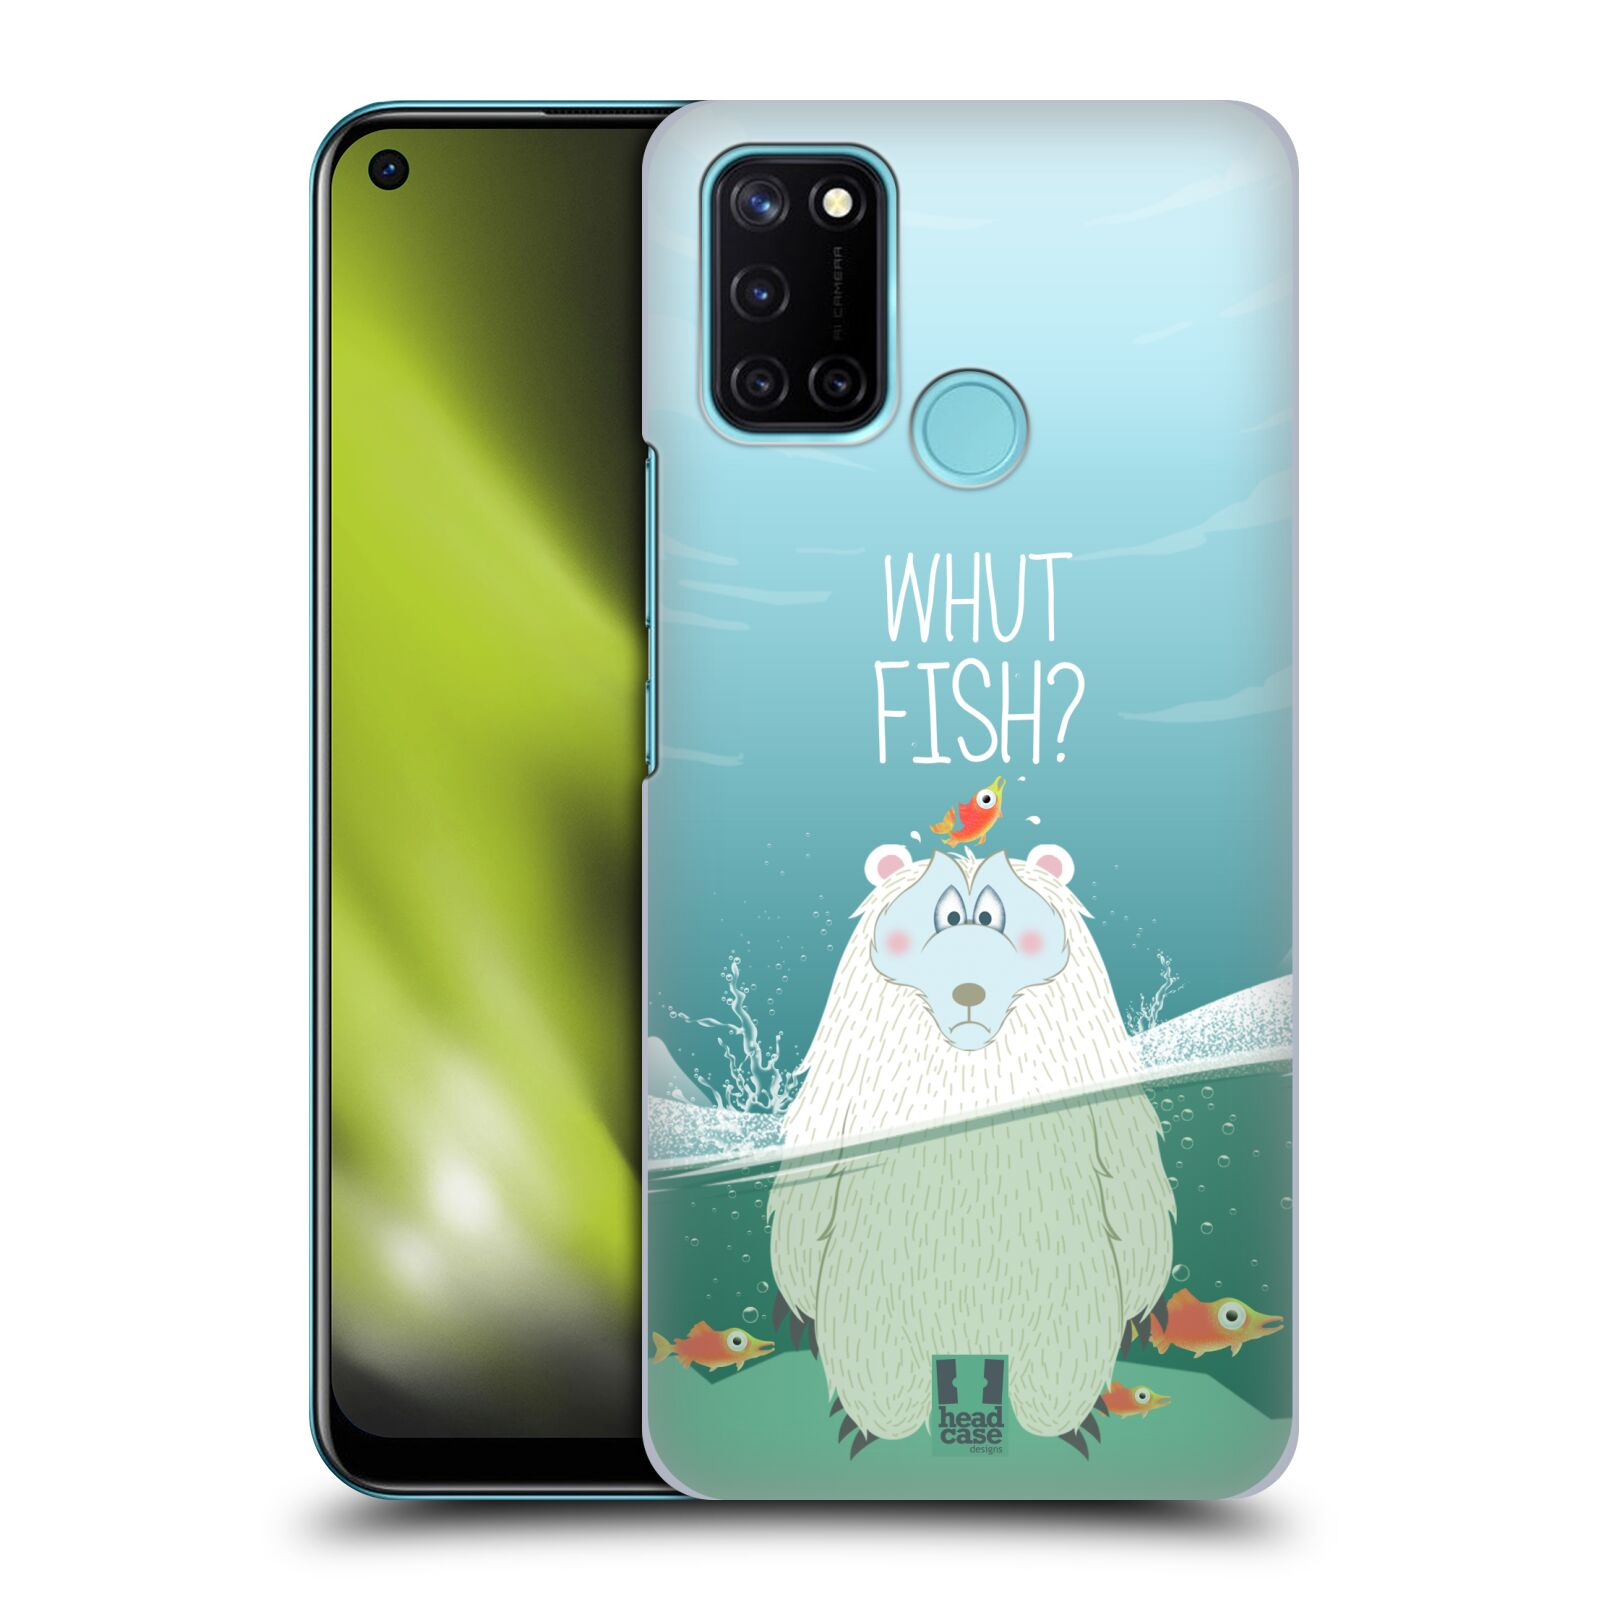 Plastové pouzdro na mobil Realme 7i - Head Case - Medvěd Whut Fish?